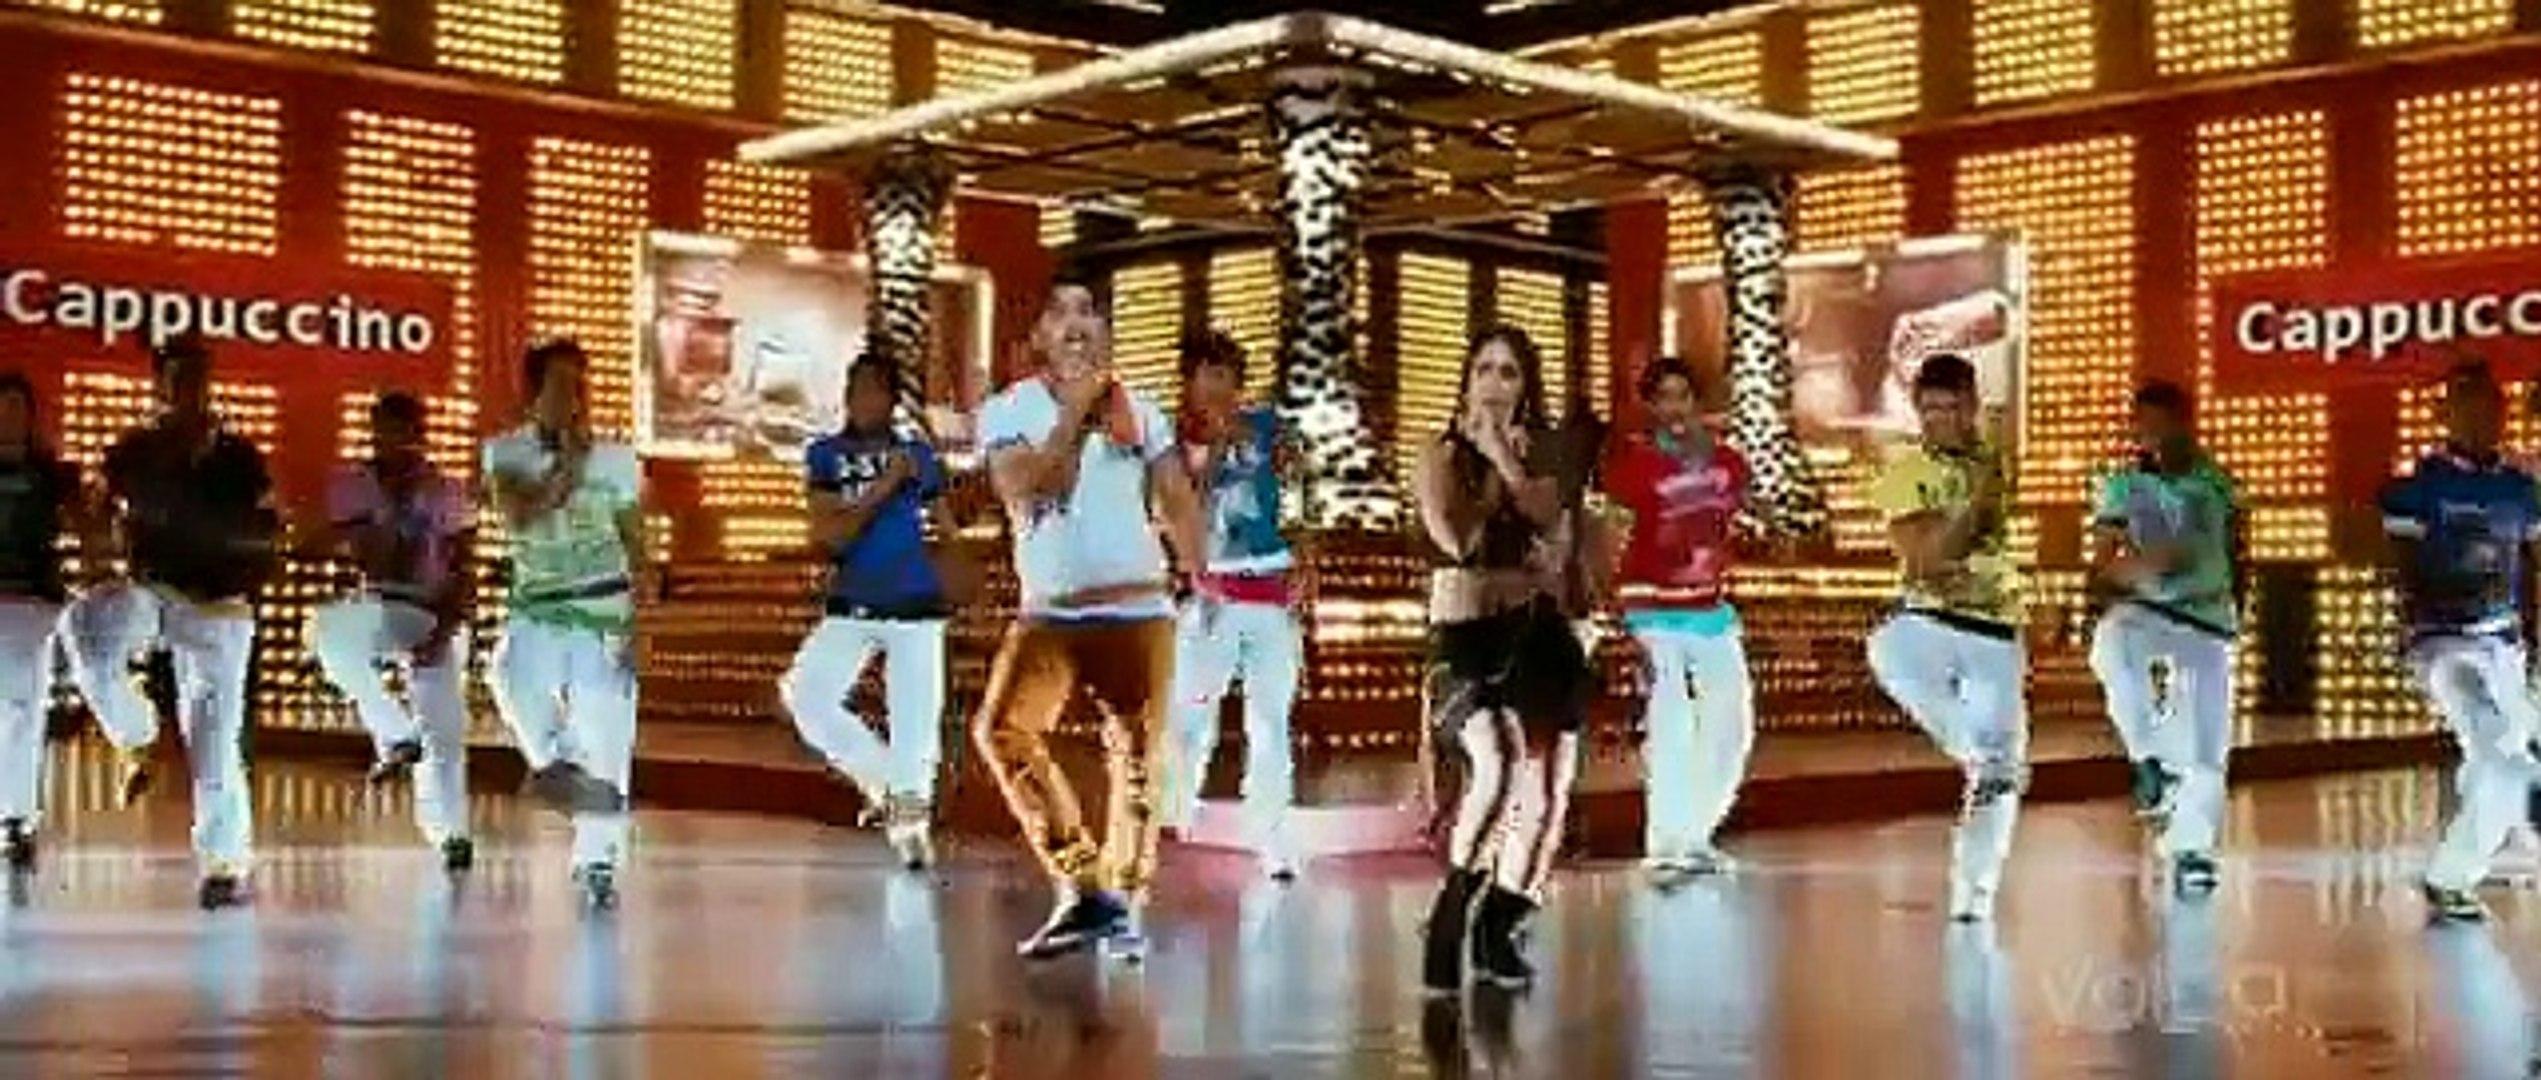 Manam, Manam movie full video songs, Manam full songs, Manam video songs, Manam movie video songs, M